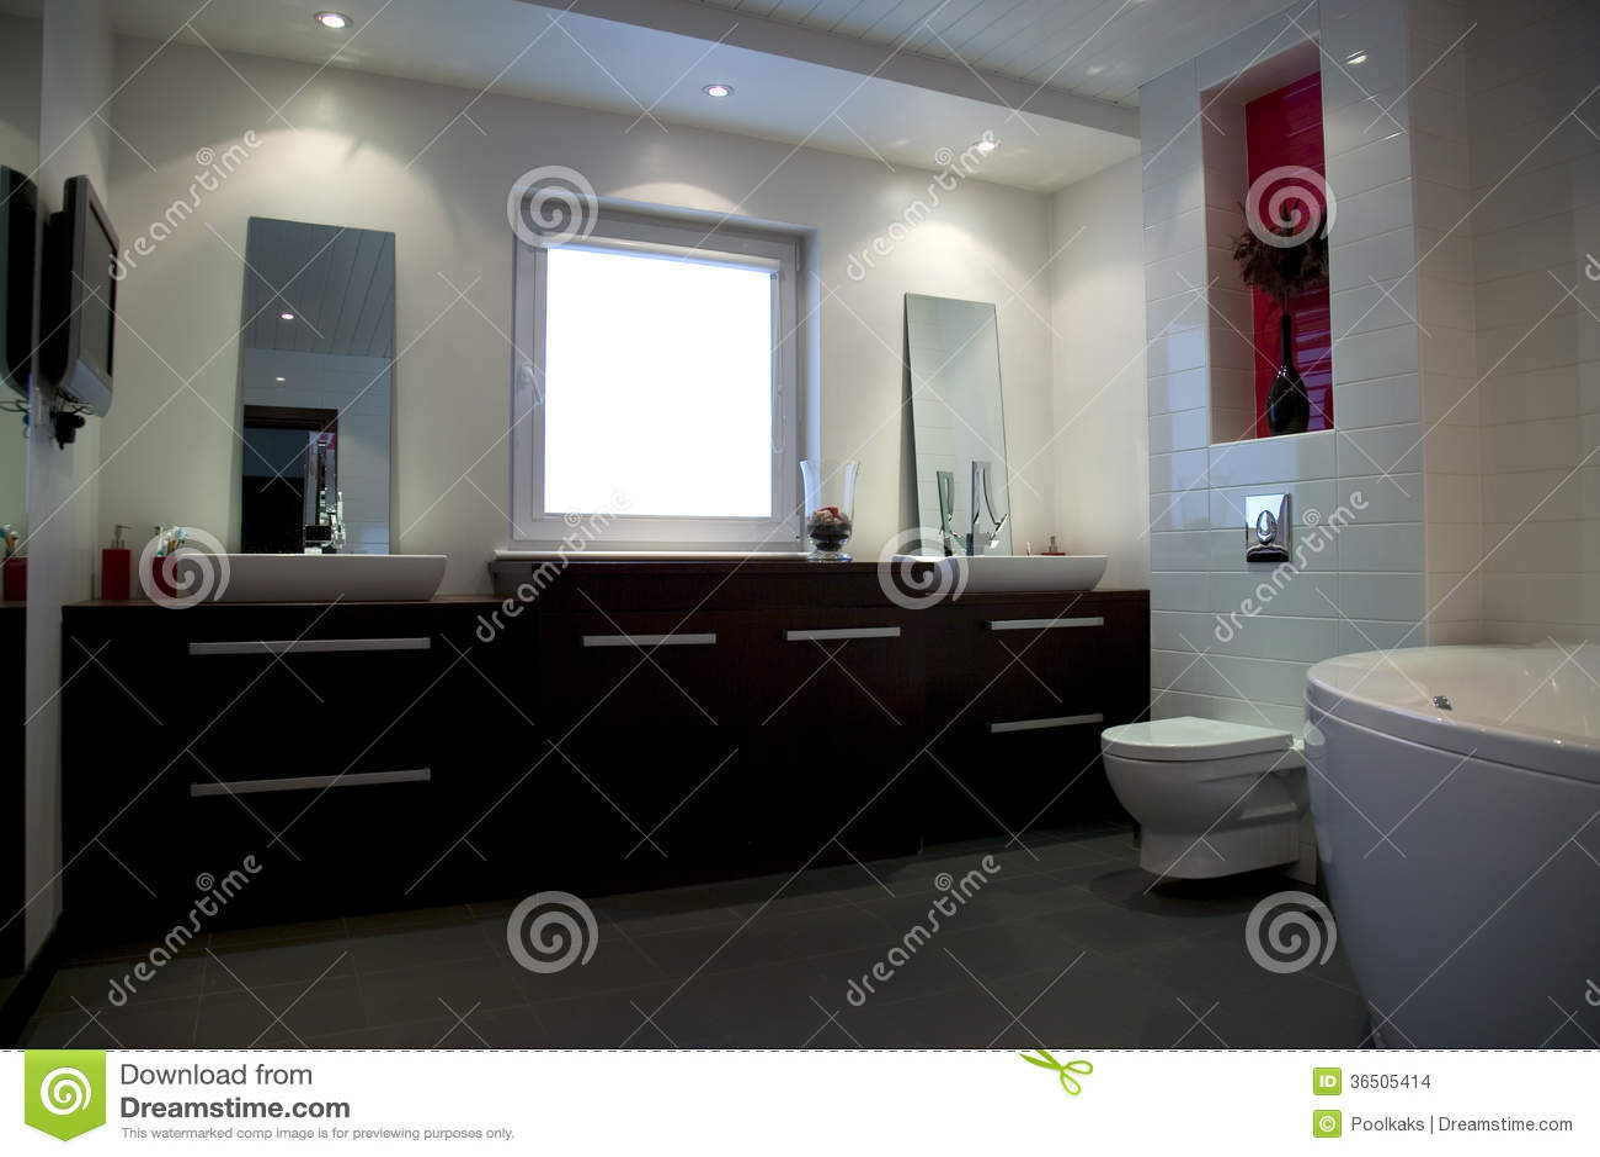 Cuarto de ba o blanco moderno con muebles marrones for Muebles de cuarto de bano grandes